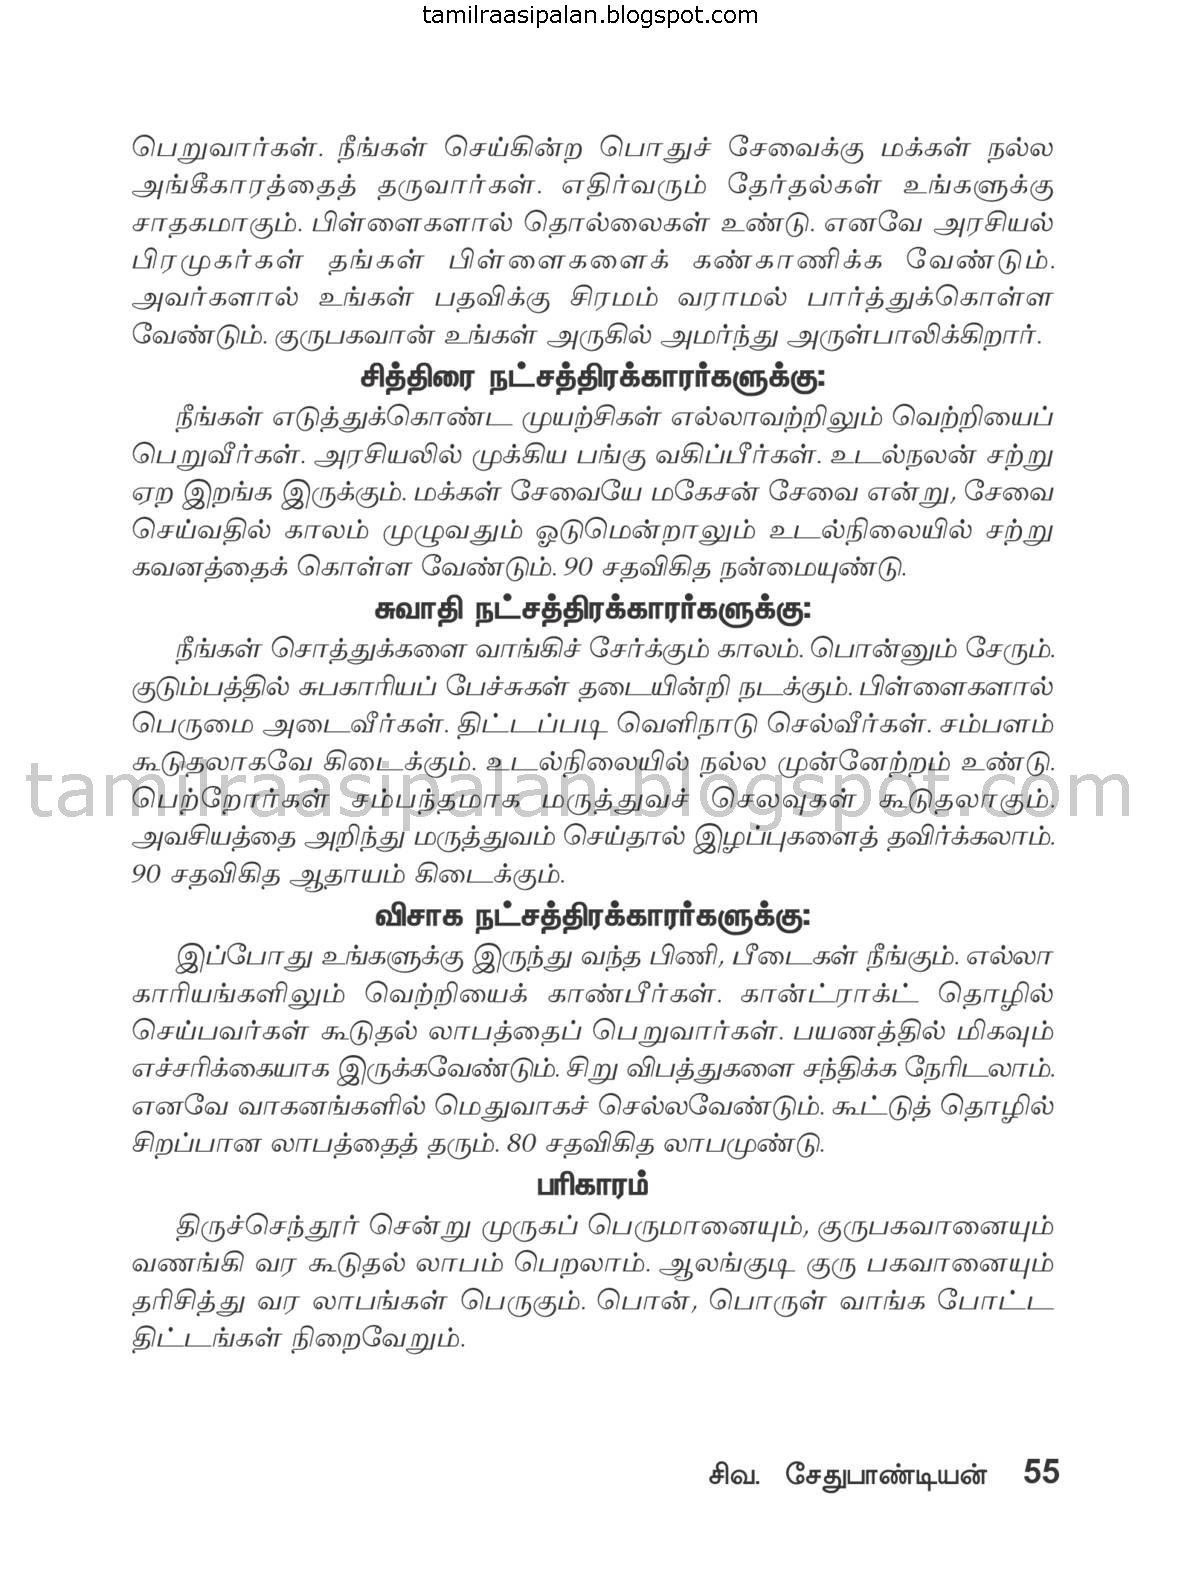 Guru Peyarchi 8 Pages Detailed Forecast for Thulam Raasi | Raasi Palan